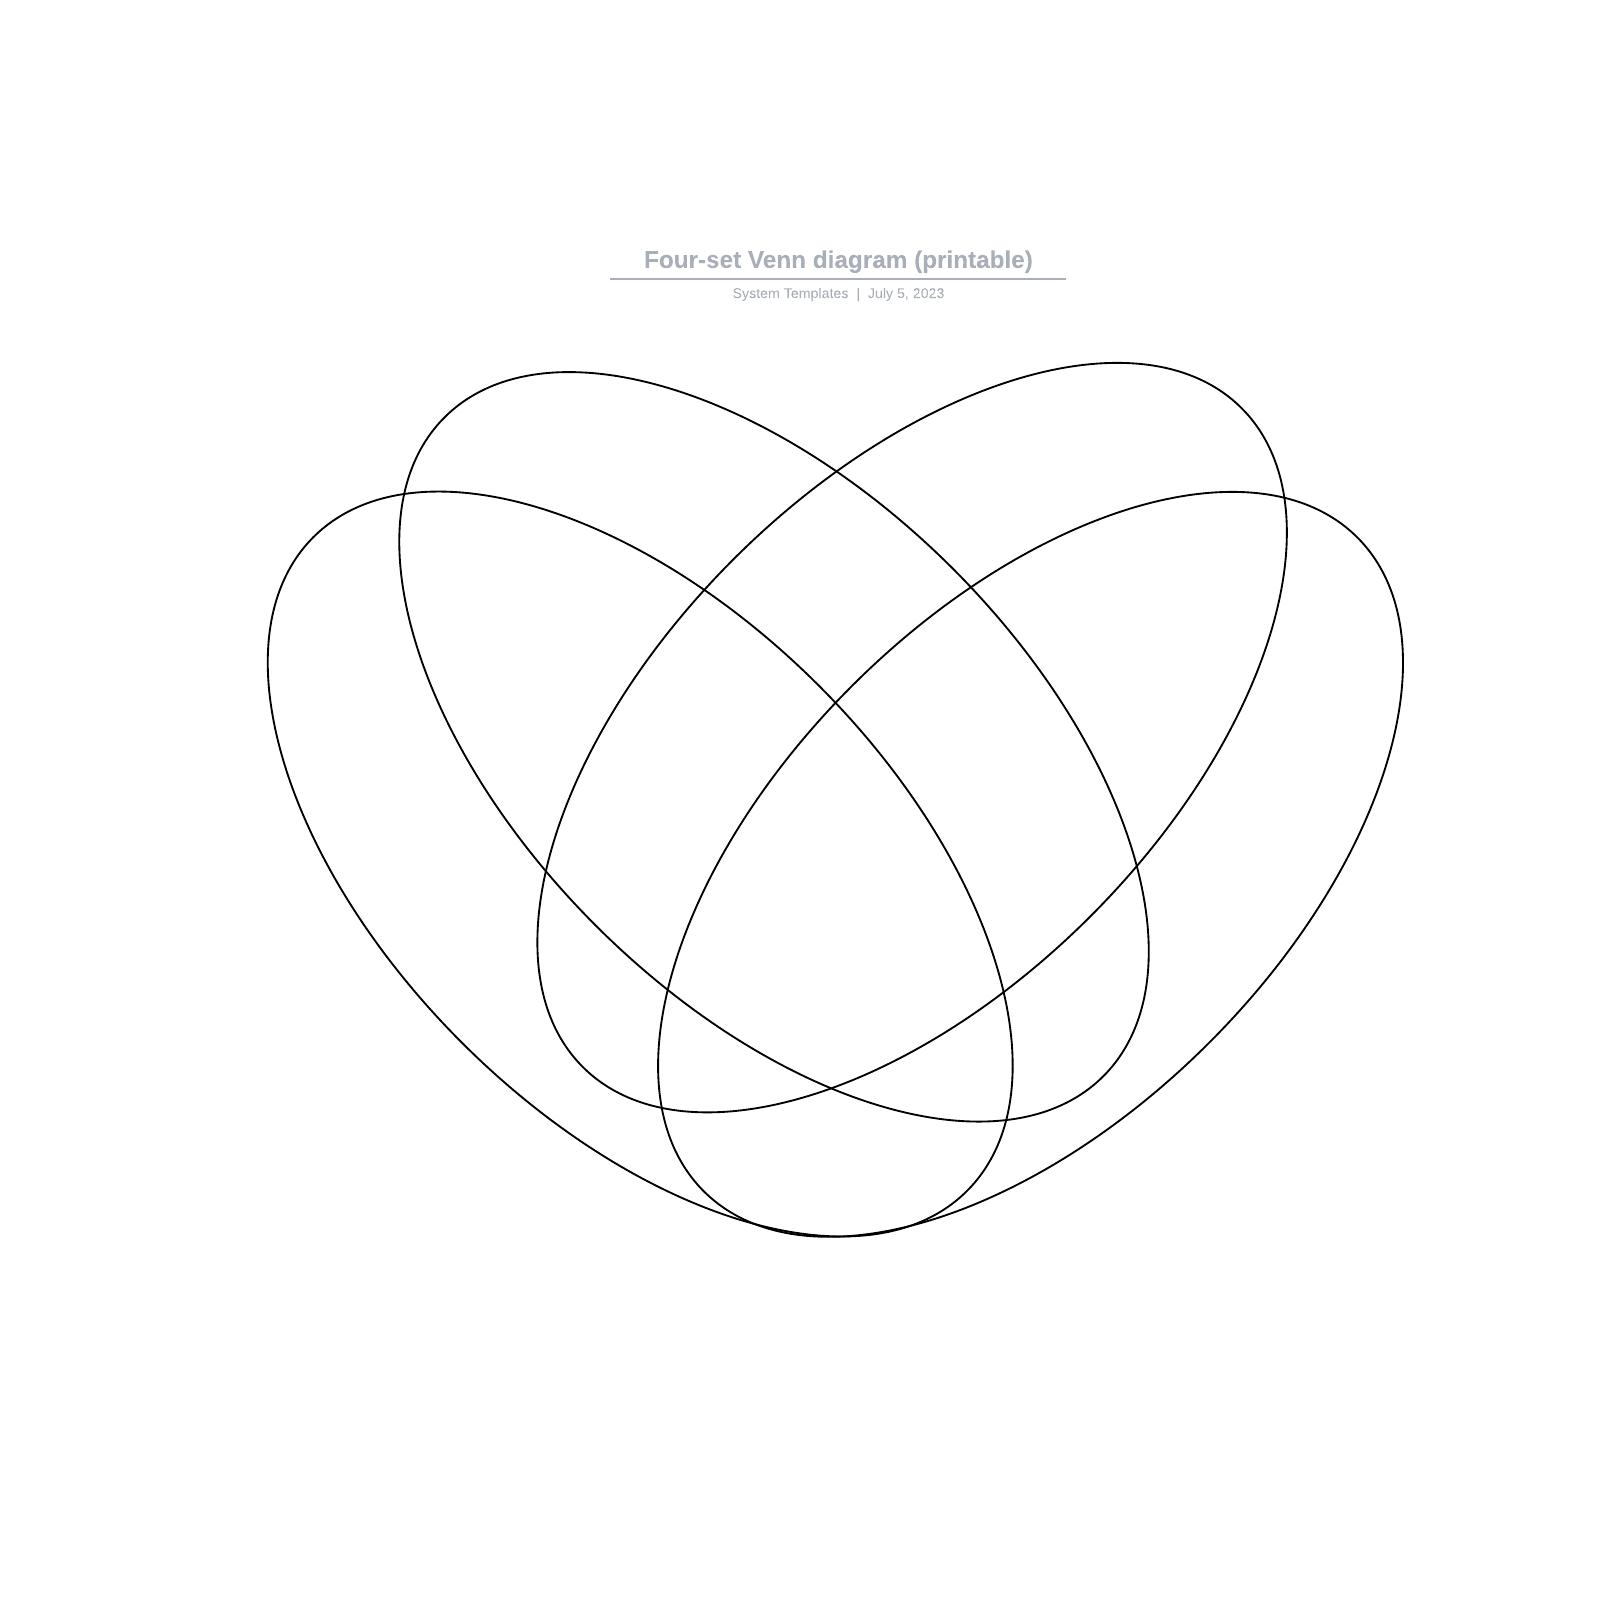 Four-set Venn diagram (printable)